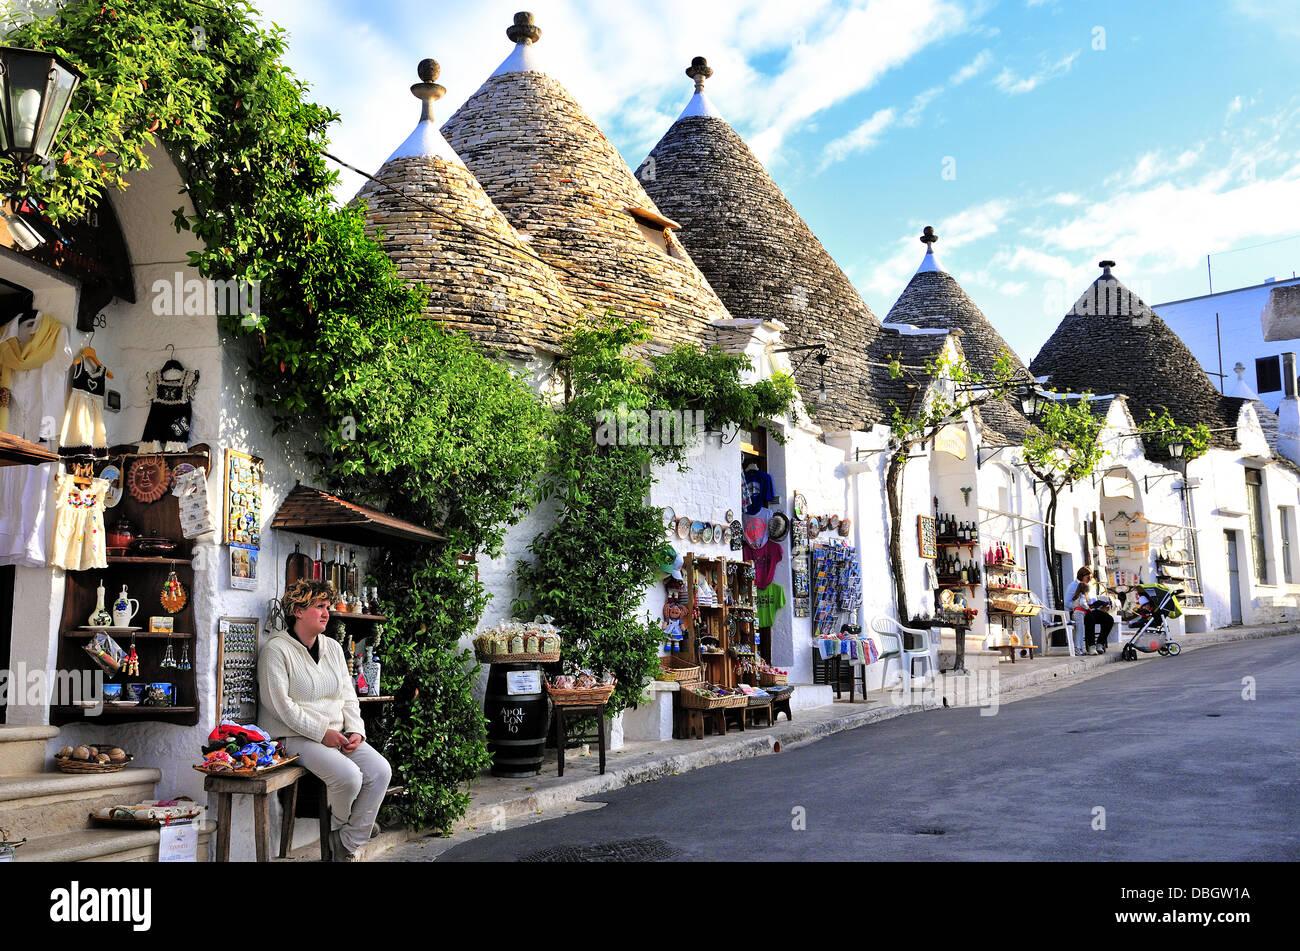 Tienda de regalos guardianes fuera trullo casas ,una tradicional cabaña de piedra seca de Apulia con un techo Imagen De Stock